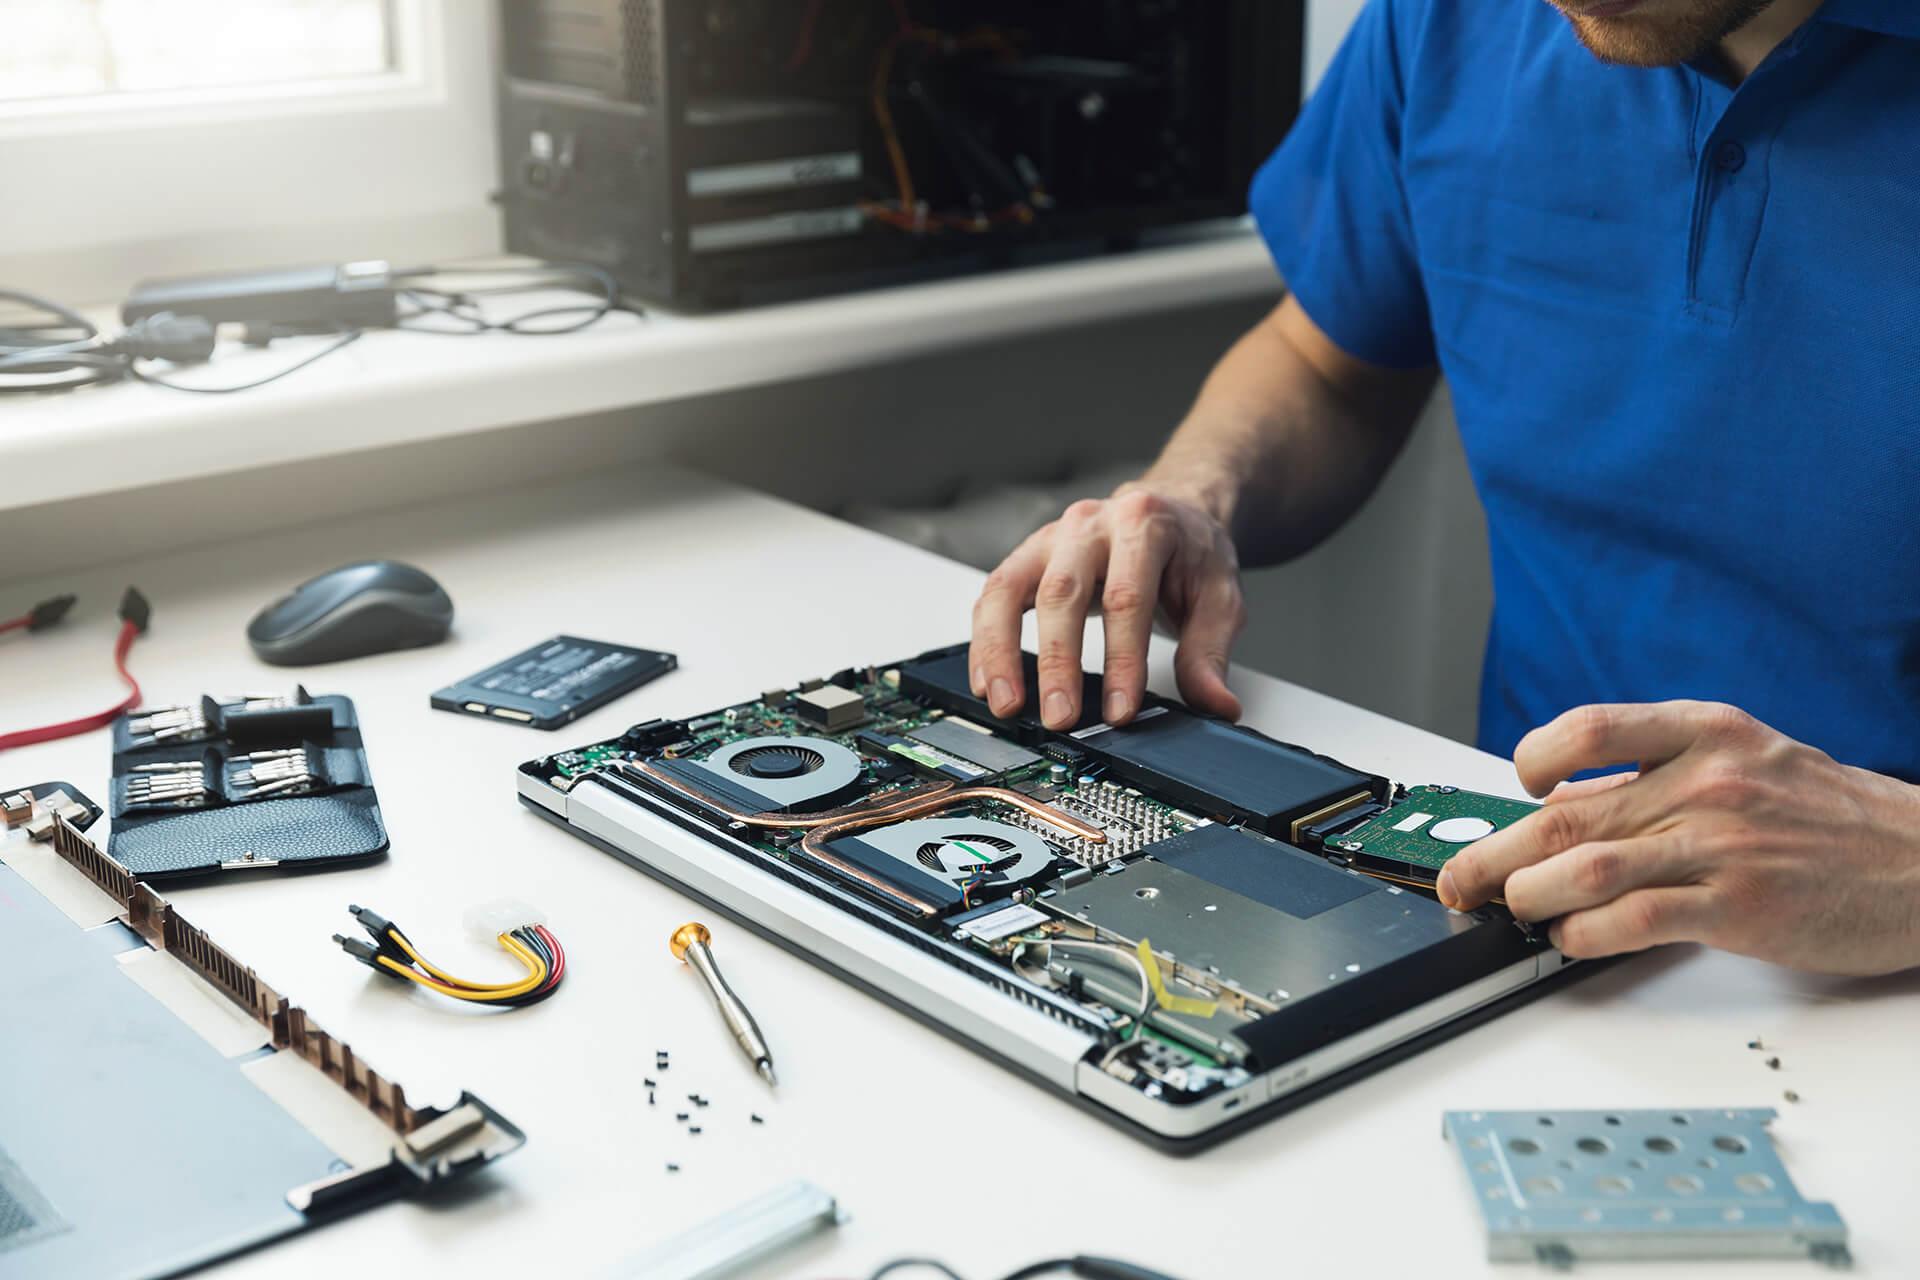 Dịch Vụ Sửa Laptop Tận Nơi Quận 4 Giá Rẻ